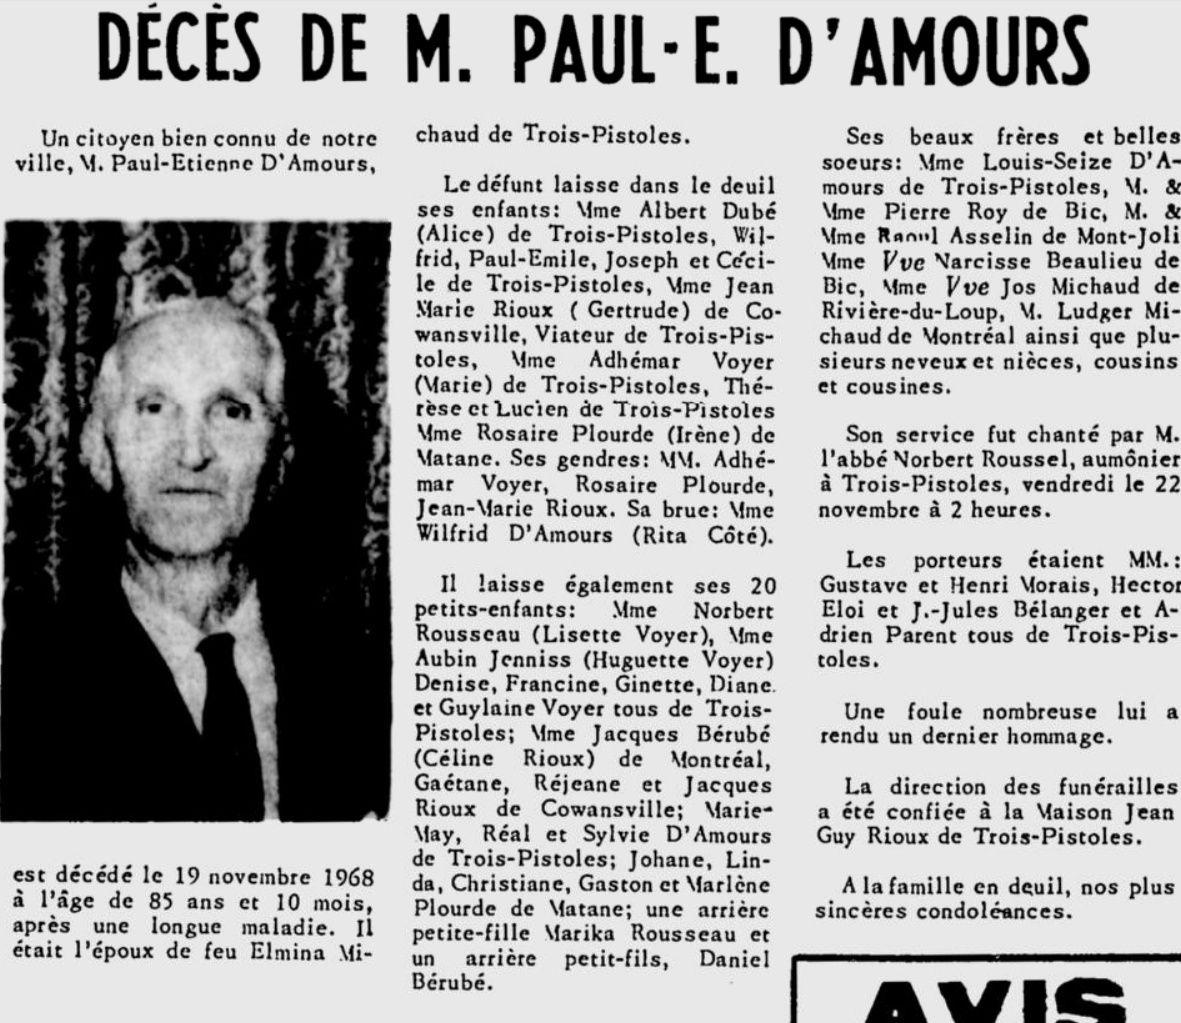 D'amours, Paul-Émile Dycys_29